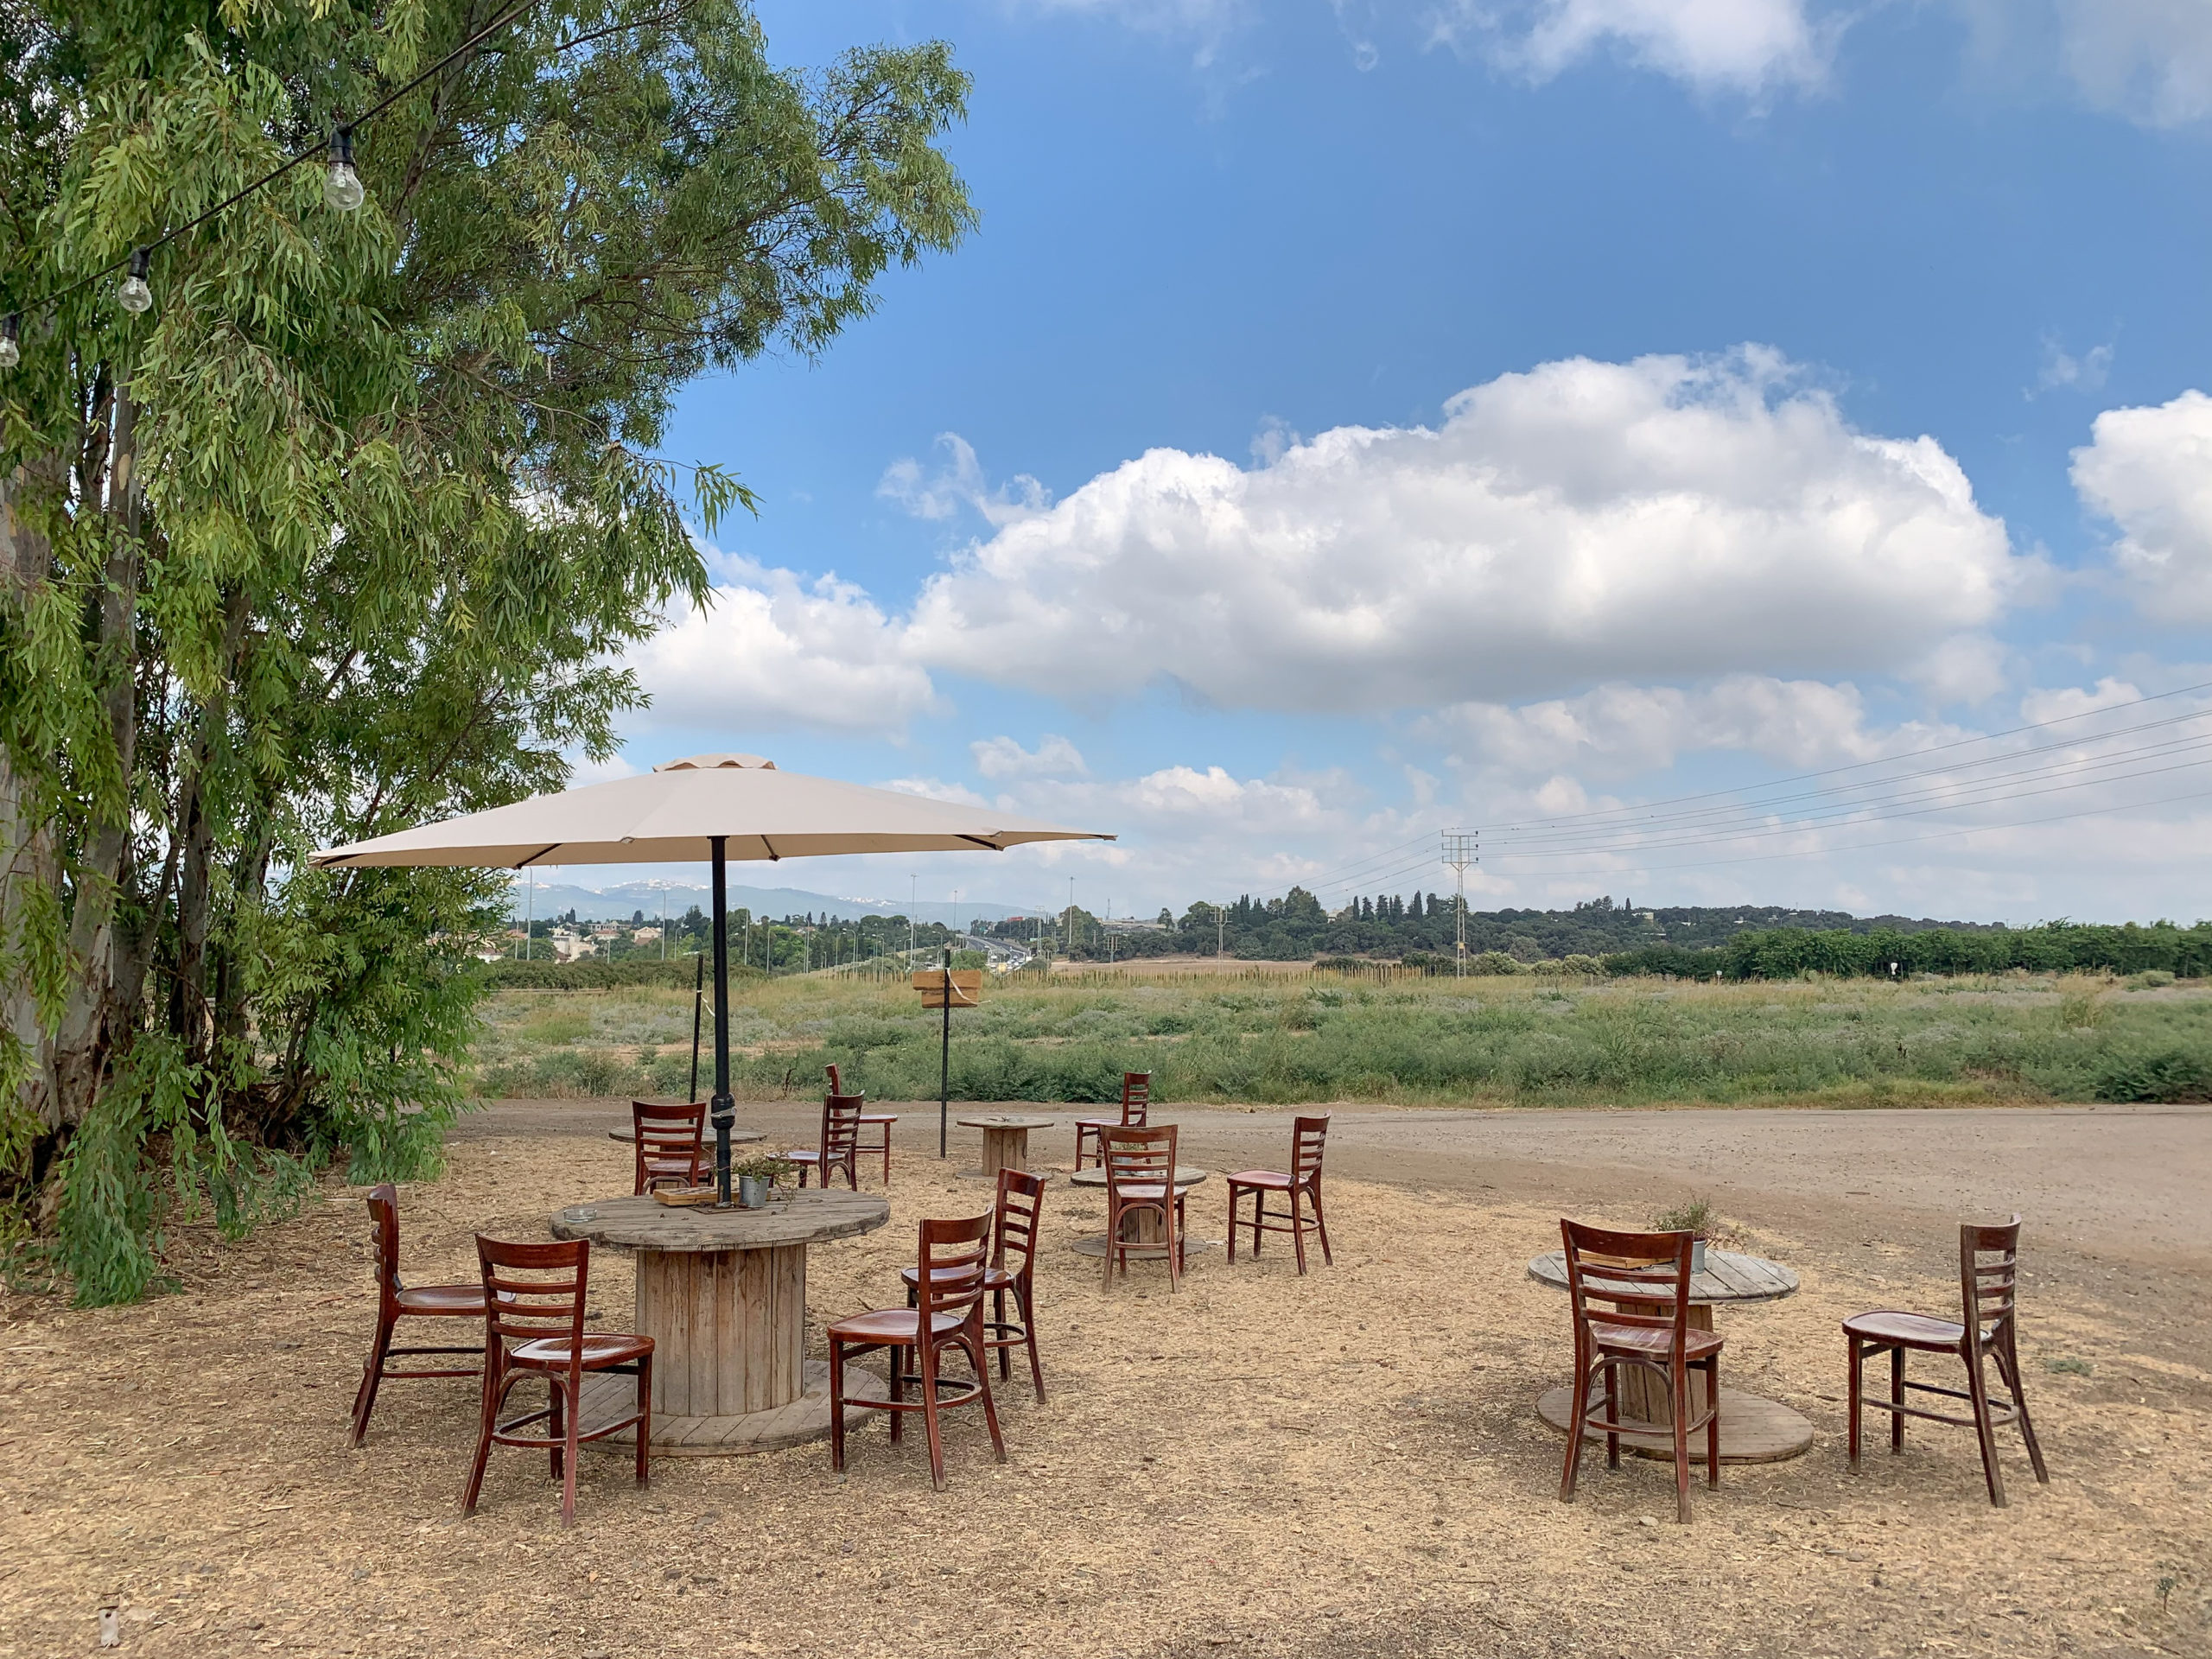 כסאות ושולחת מעץ על רקע השדות ושמיים מצויירים עם עננים לבנים בעגלת הקפה עגלולה ליד נהלל